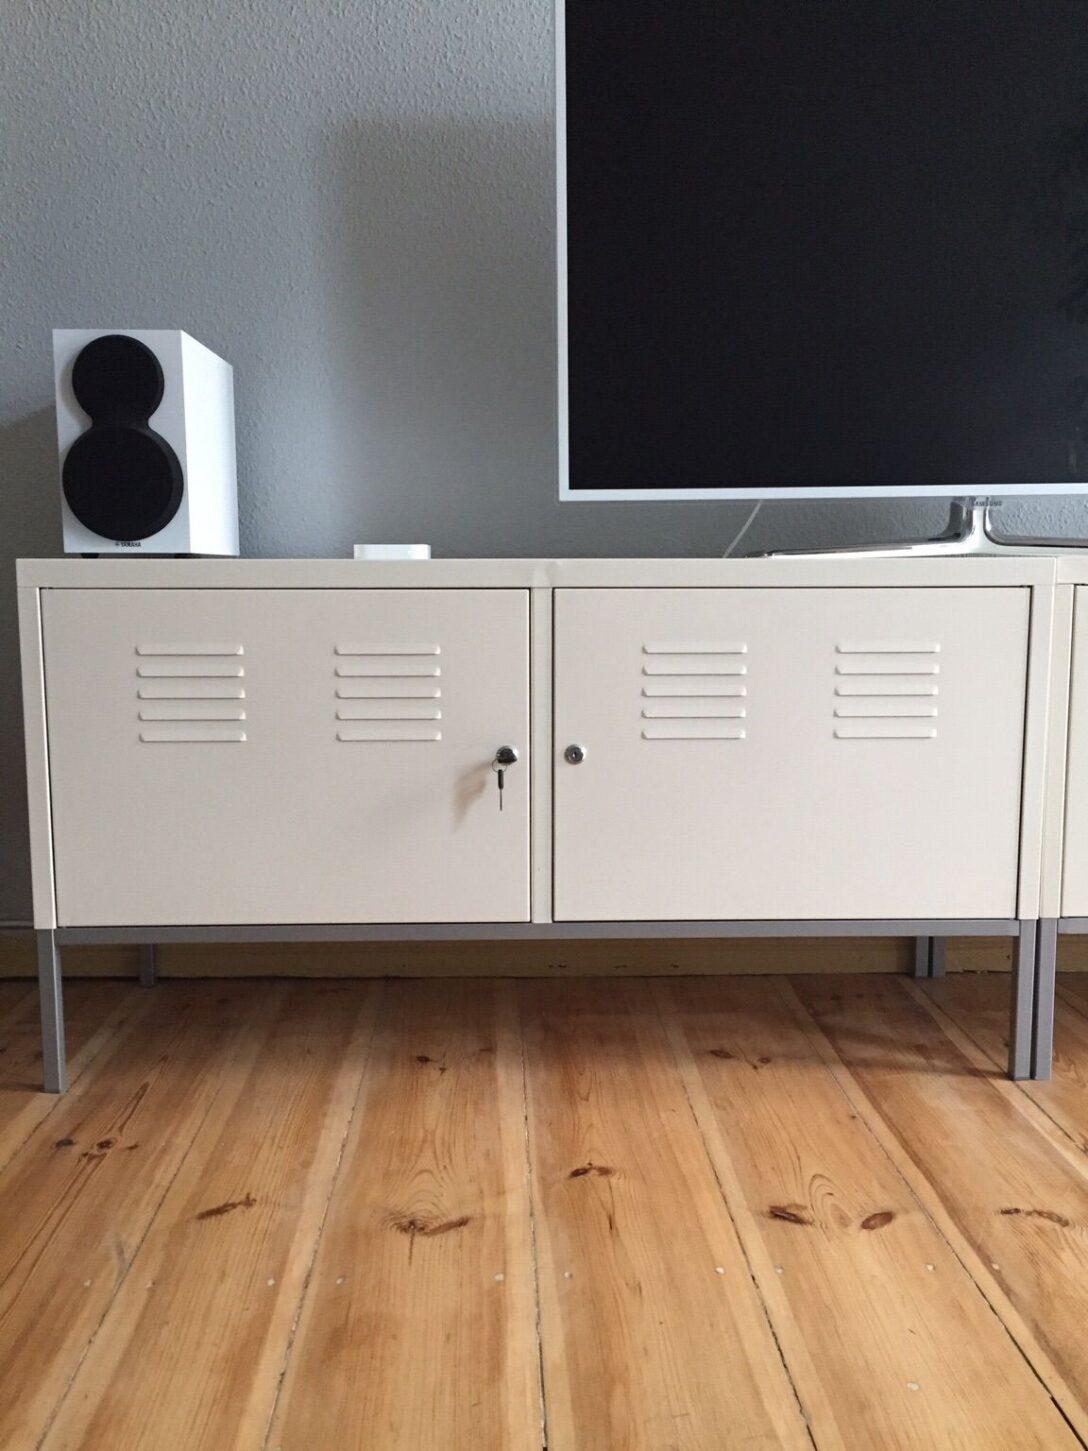 Large Size of Anrichte Ikea Spind Schrank Gebraucht 1 Ps Sideboard Küche Kaufen Kosten Betten 160x200 Miniküche Modulküche Bei Sofa Mit Schlaffunktion Wohnzimmer Anrichte Ikea